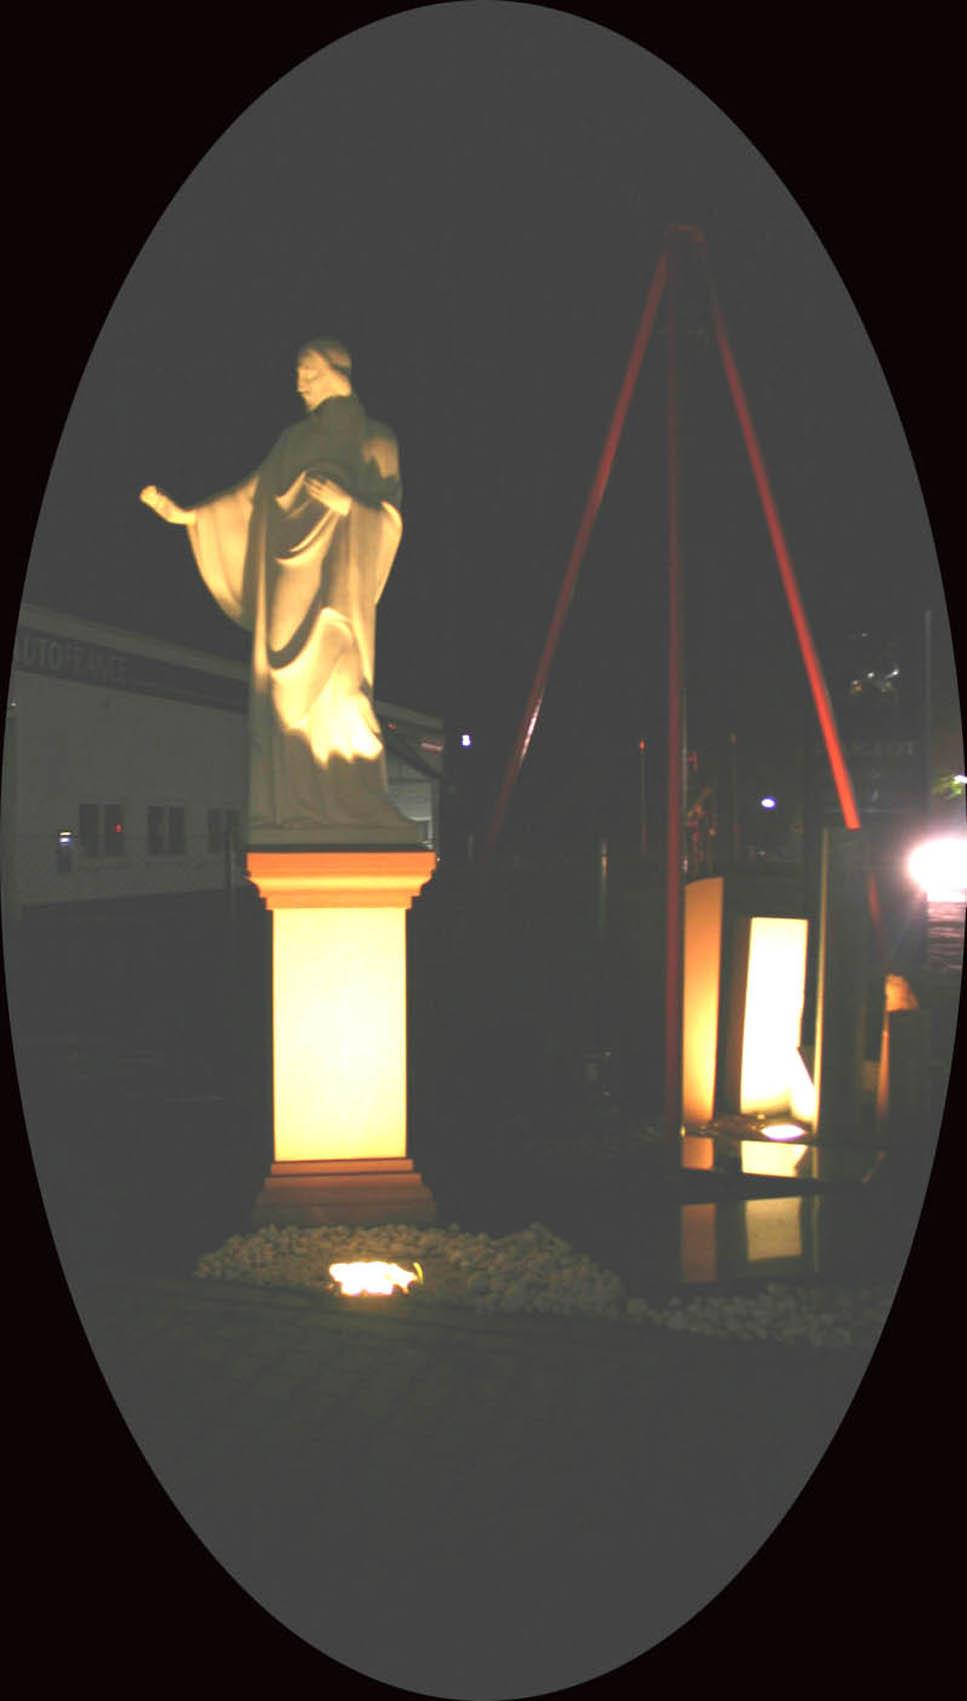 Christus bei Nacht - beleutet